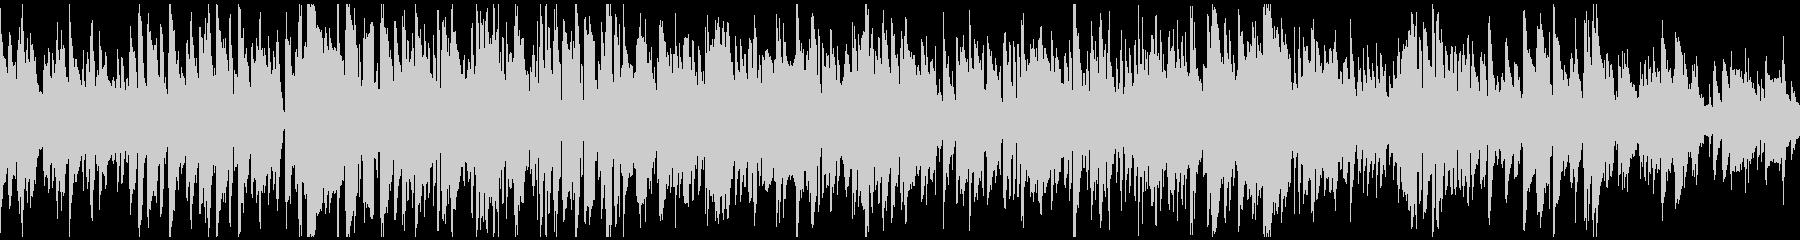 テナーサックス生演奏のボサノバ※ループ版の未再生の波形